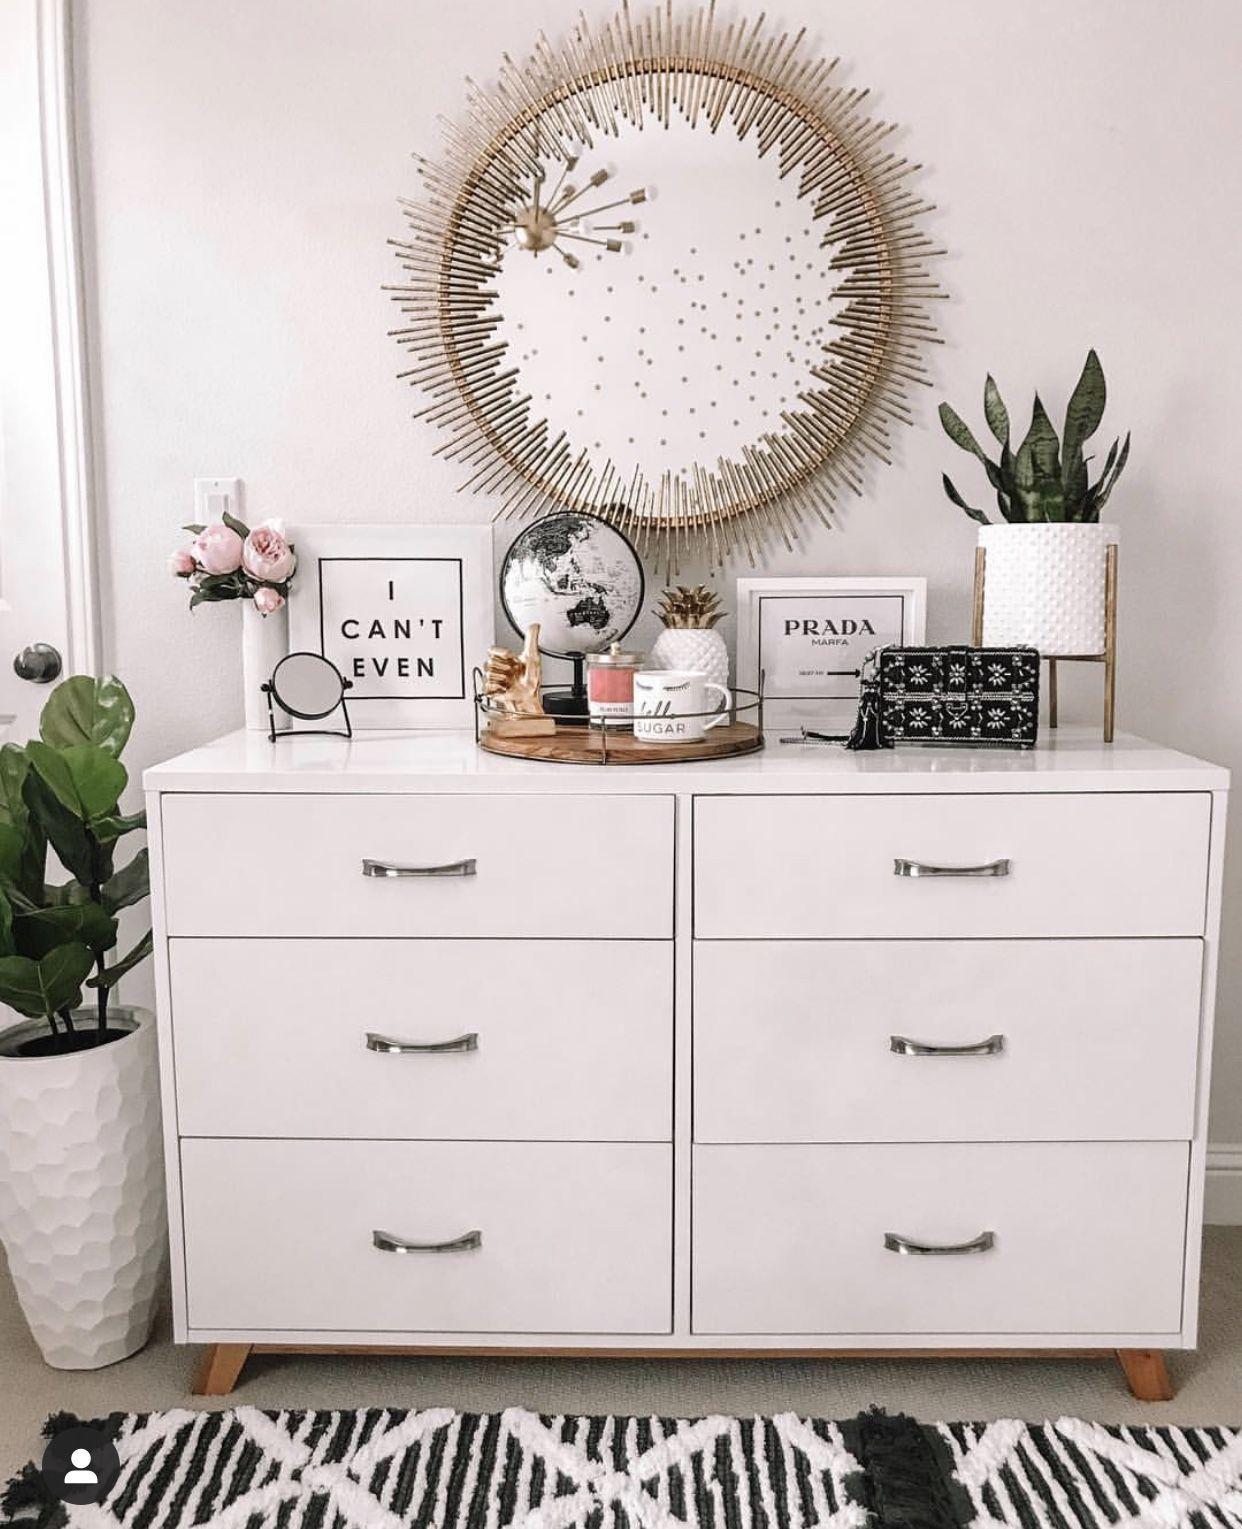 Cheap Unique Home Decor Accessories Saleprice 47 In 2020 Dresser Decor Bedroom Room Decor Bedroom Decor